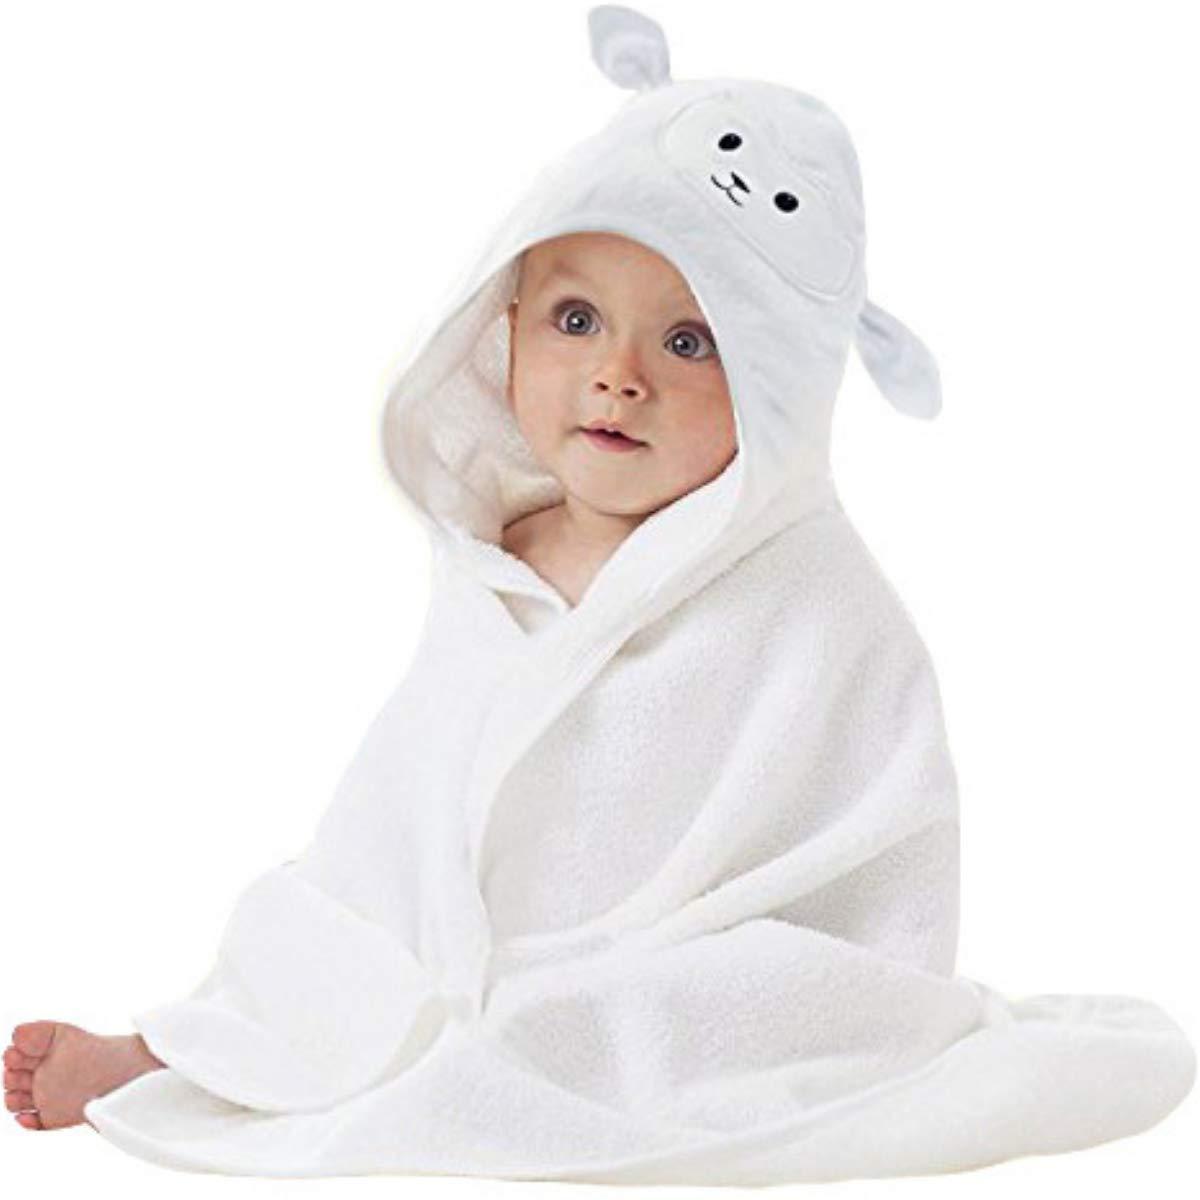 有機竹ベビータオルマフラーの子供たちがのためのかわいい羊の顔のデザインとスーパーソフト吸水タオルスカーフ男の子か女の子のシャワー